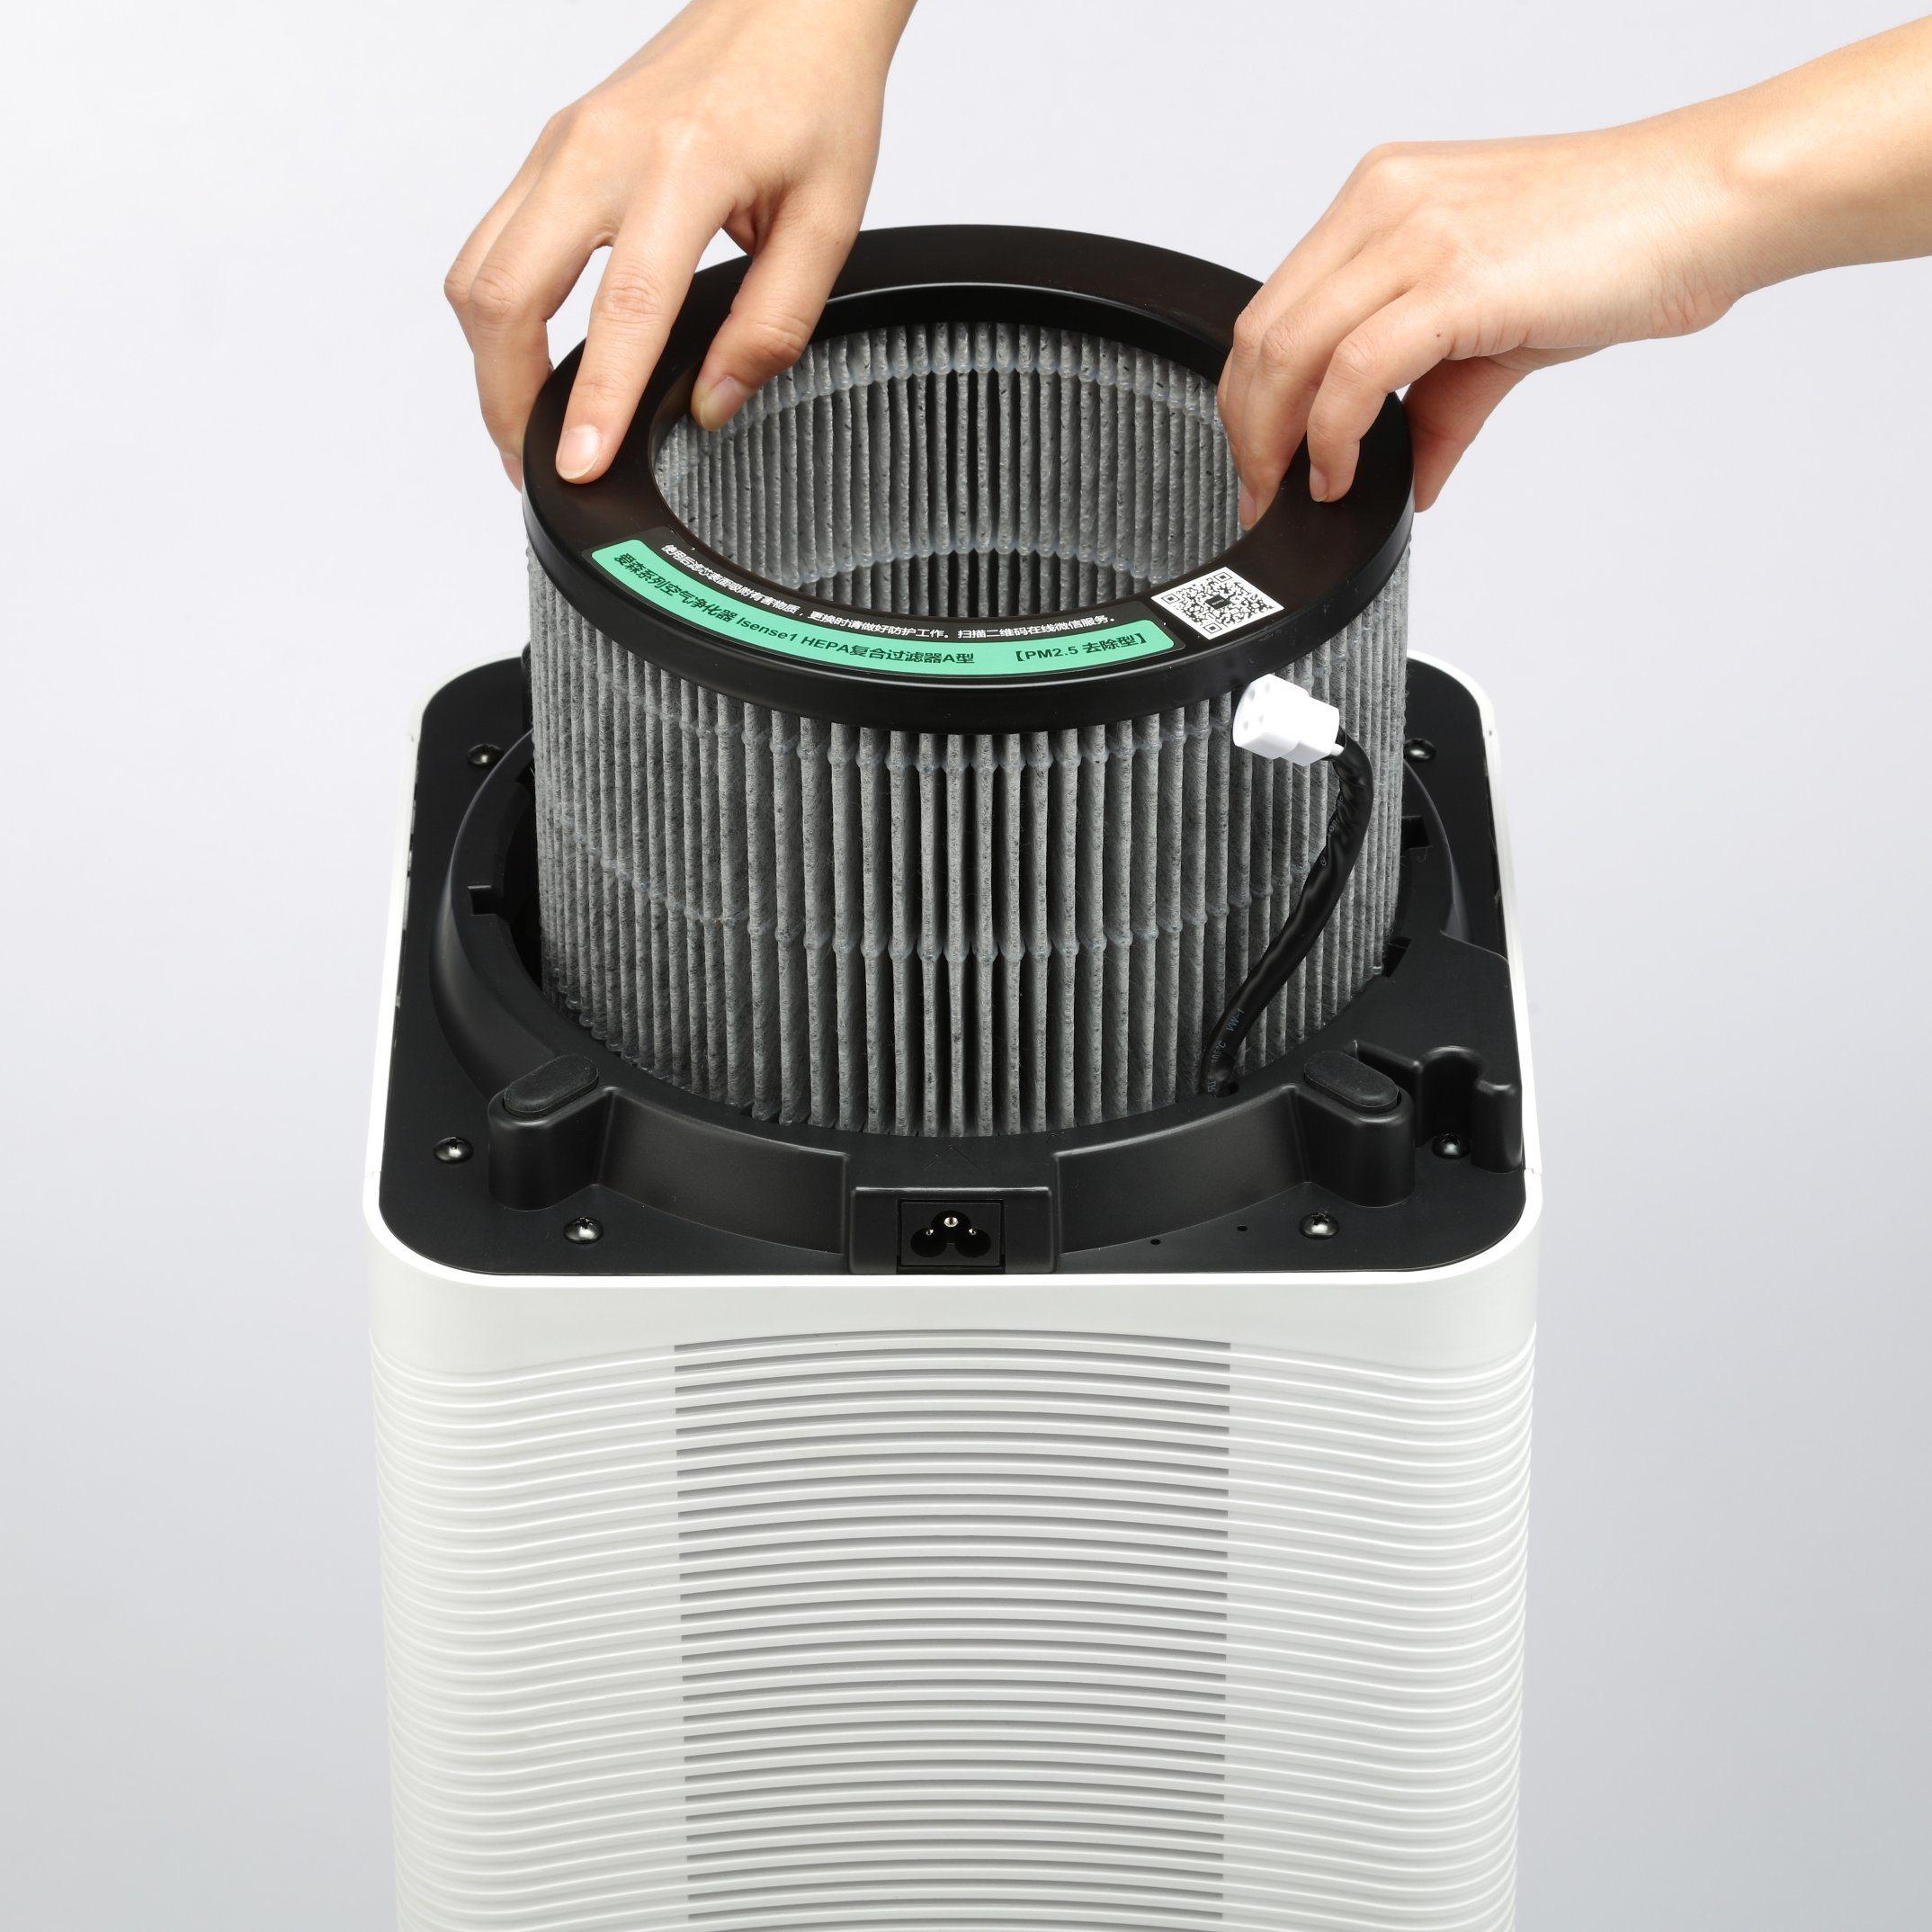 Soto-Isense1 Home Air Purifier